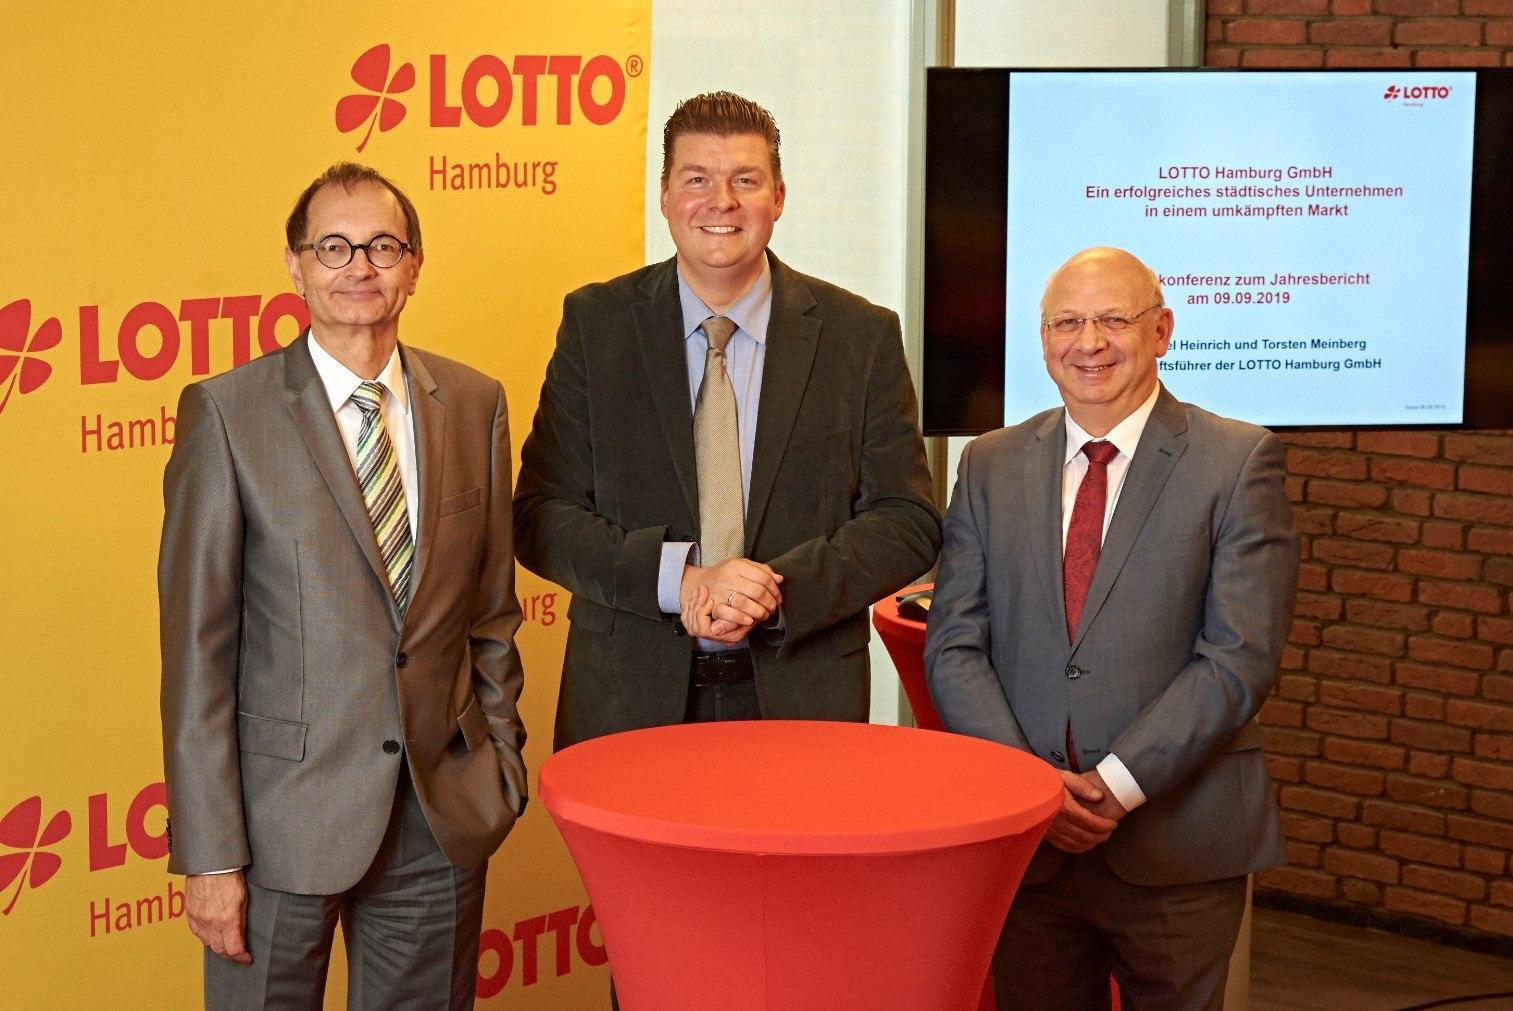 Lotto Hamburg Geschäftsführer Heinrich (l.) und Meinberg (r.) mit Finanzsenator Dressel (m.)